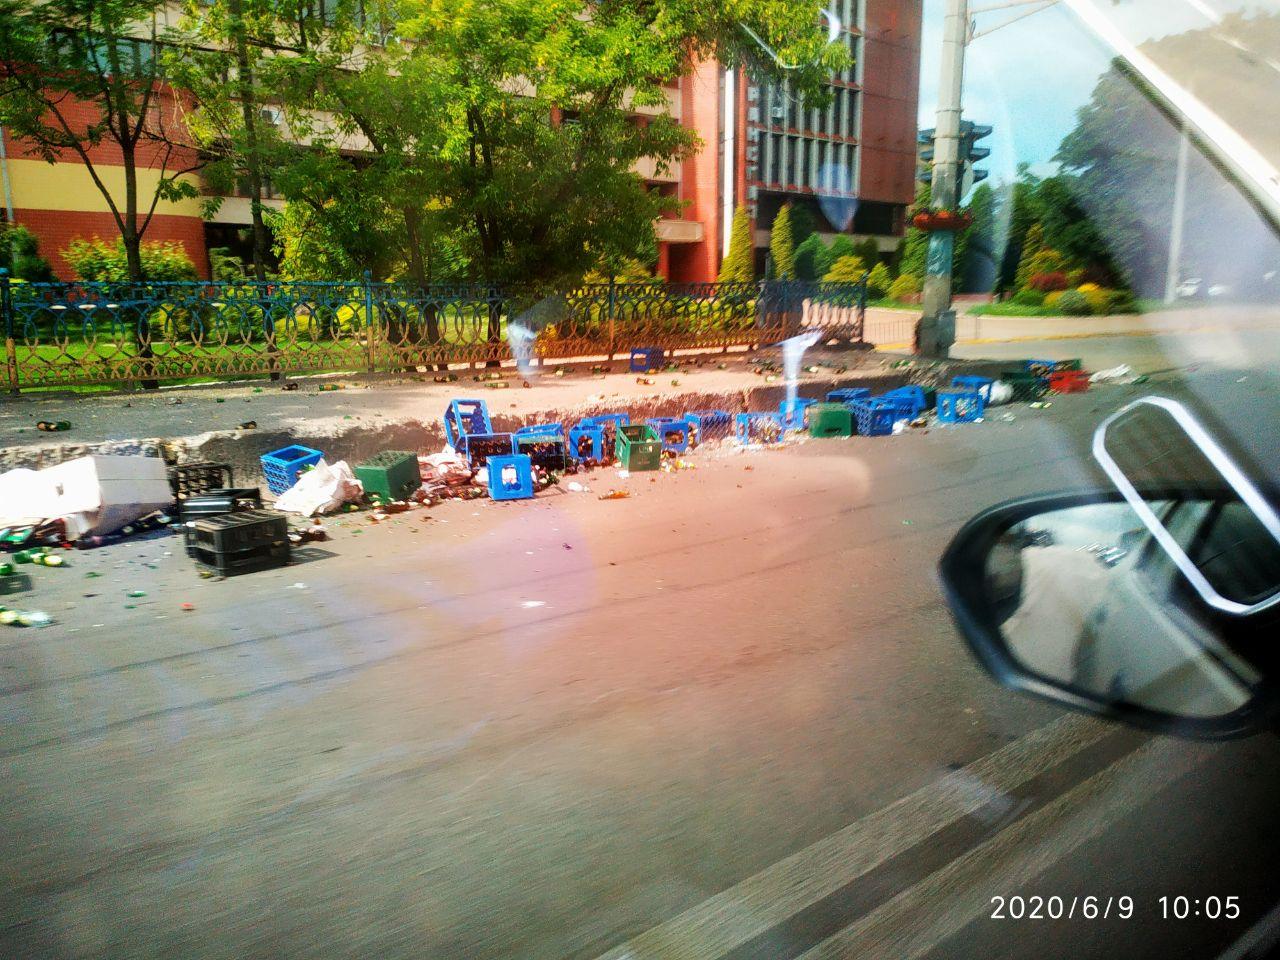 На Незалежності розсипалися скляні пляшки (ФОТО, ВІДЕО)